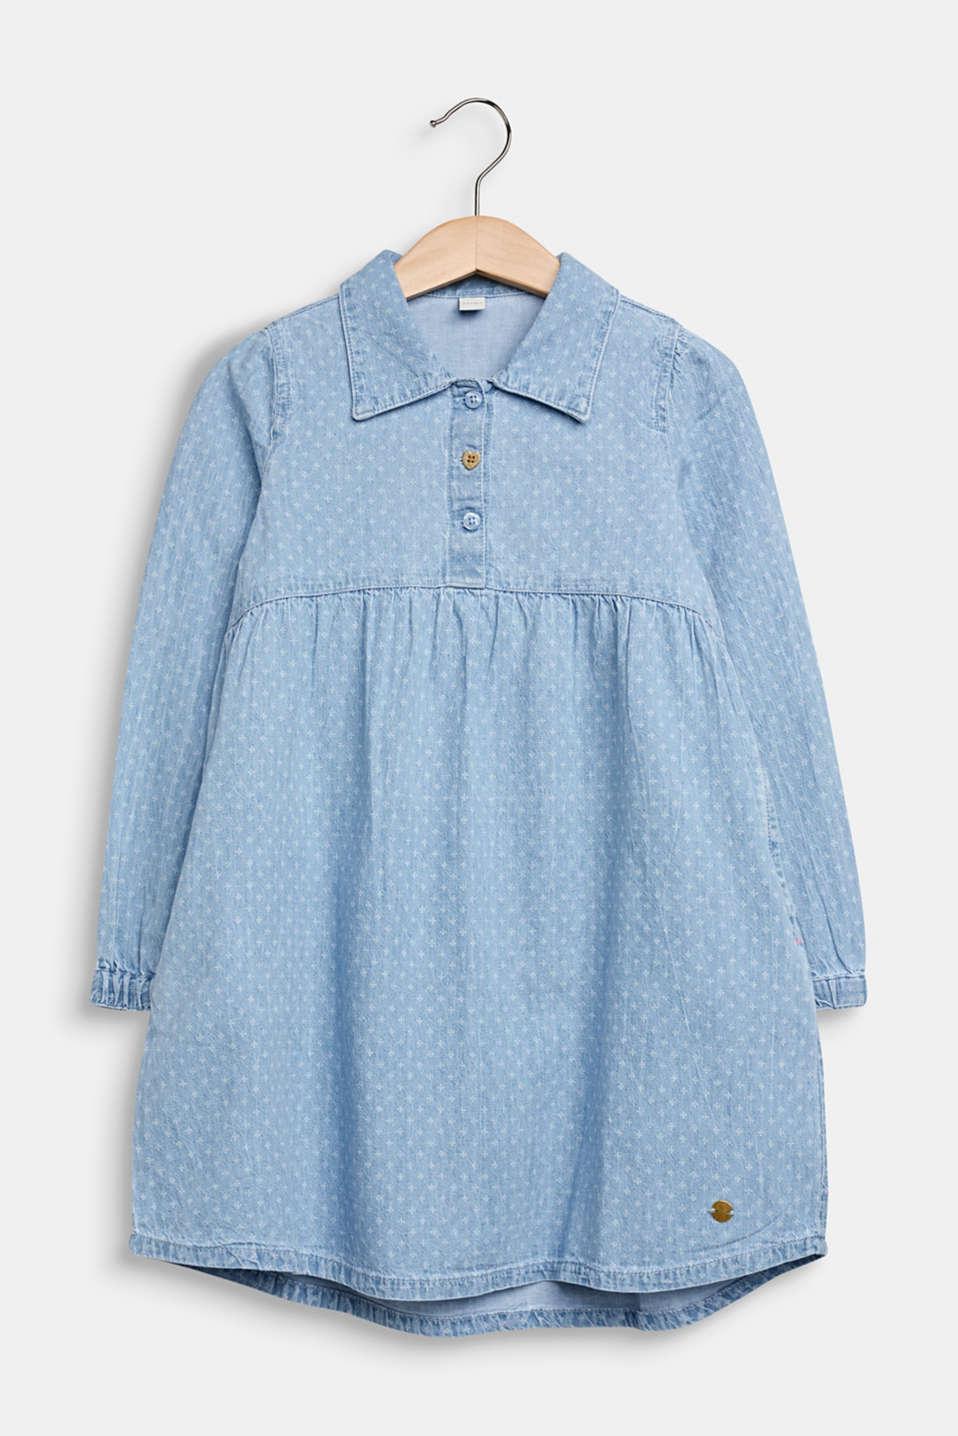 Lightweight denim dress with a print, 100% cotton, LIGHT INDIGO D, detail image number 0